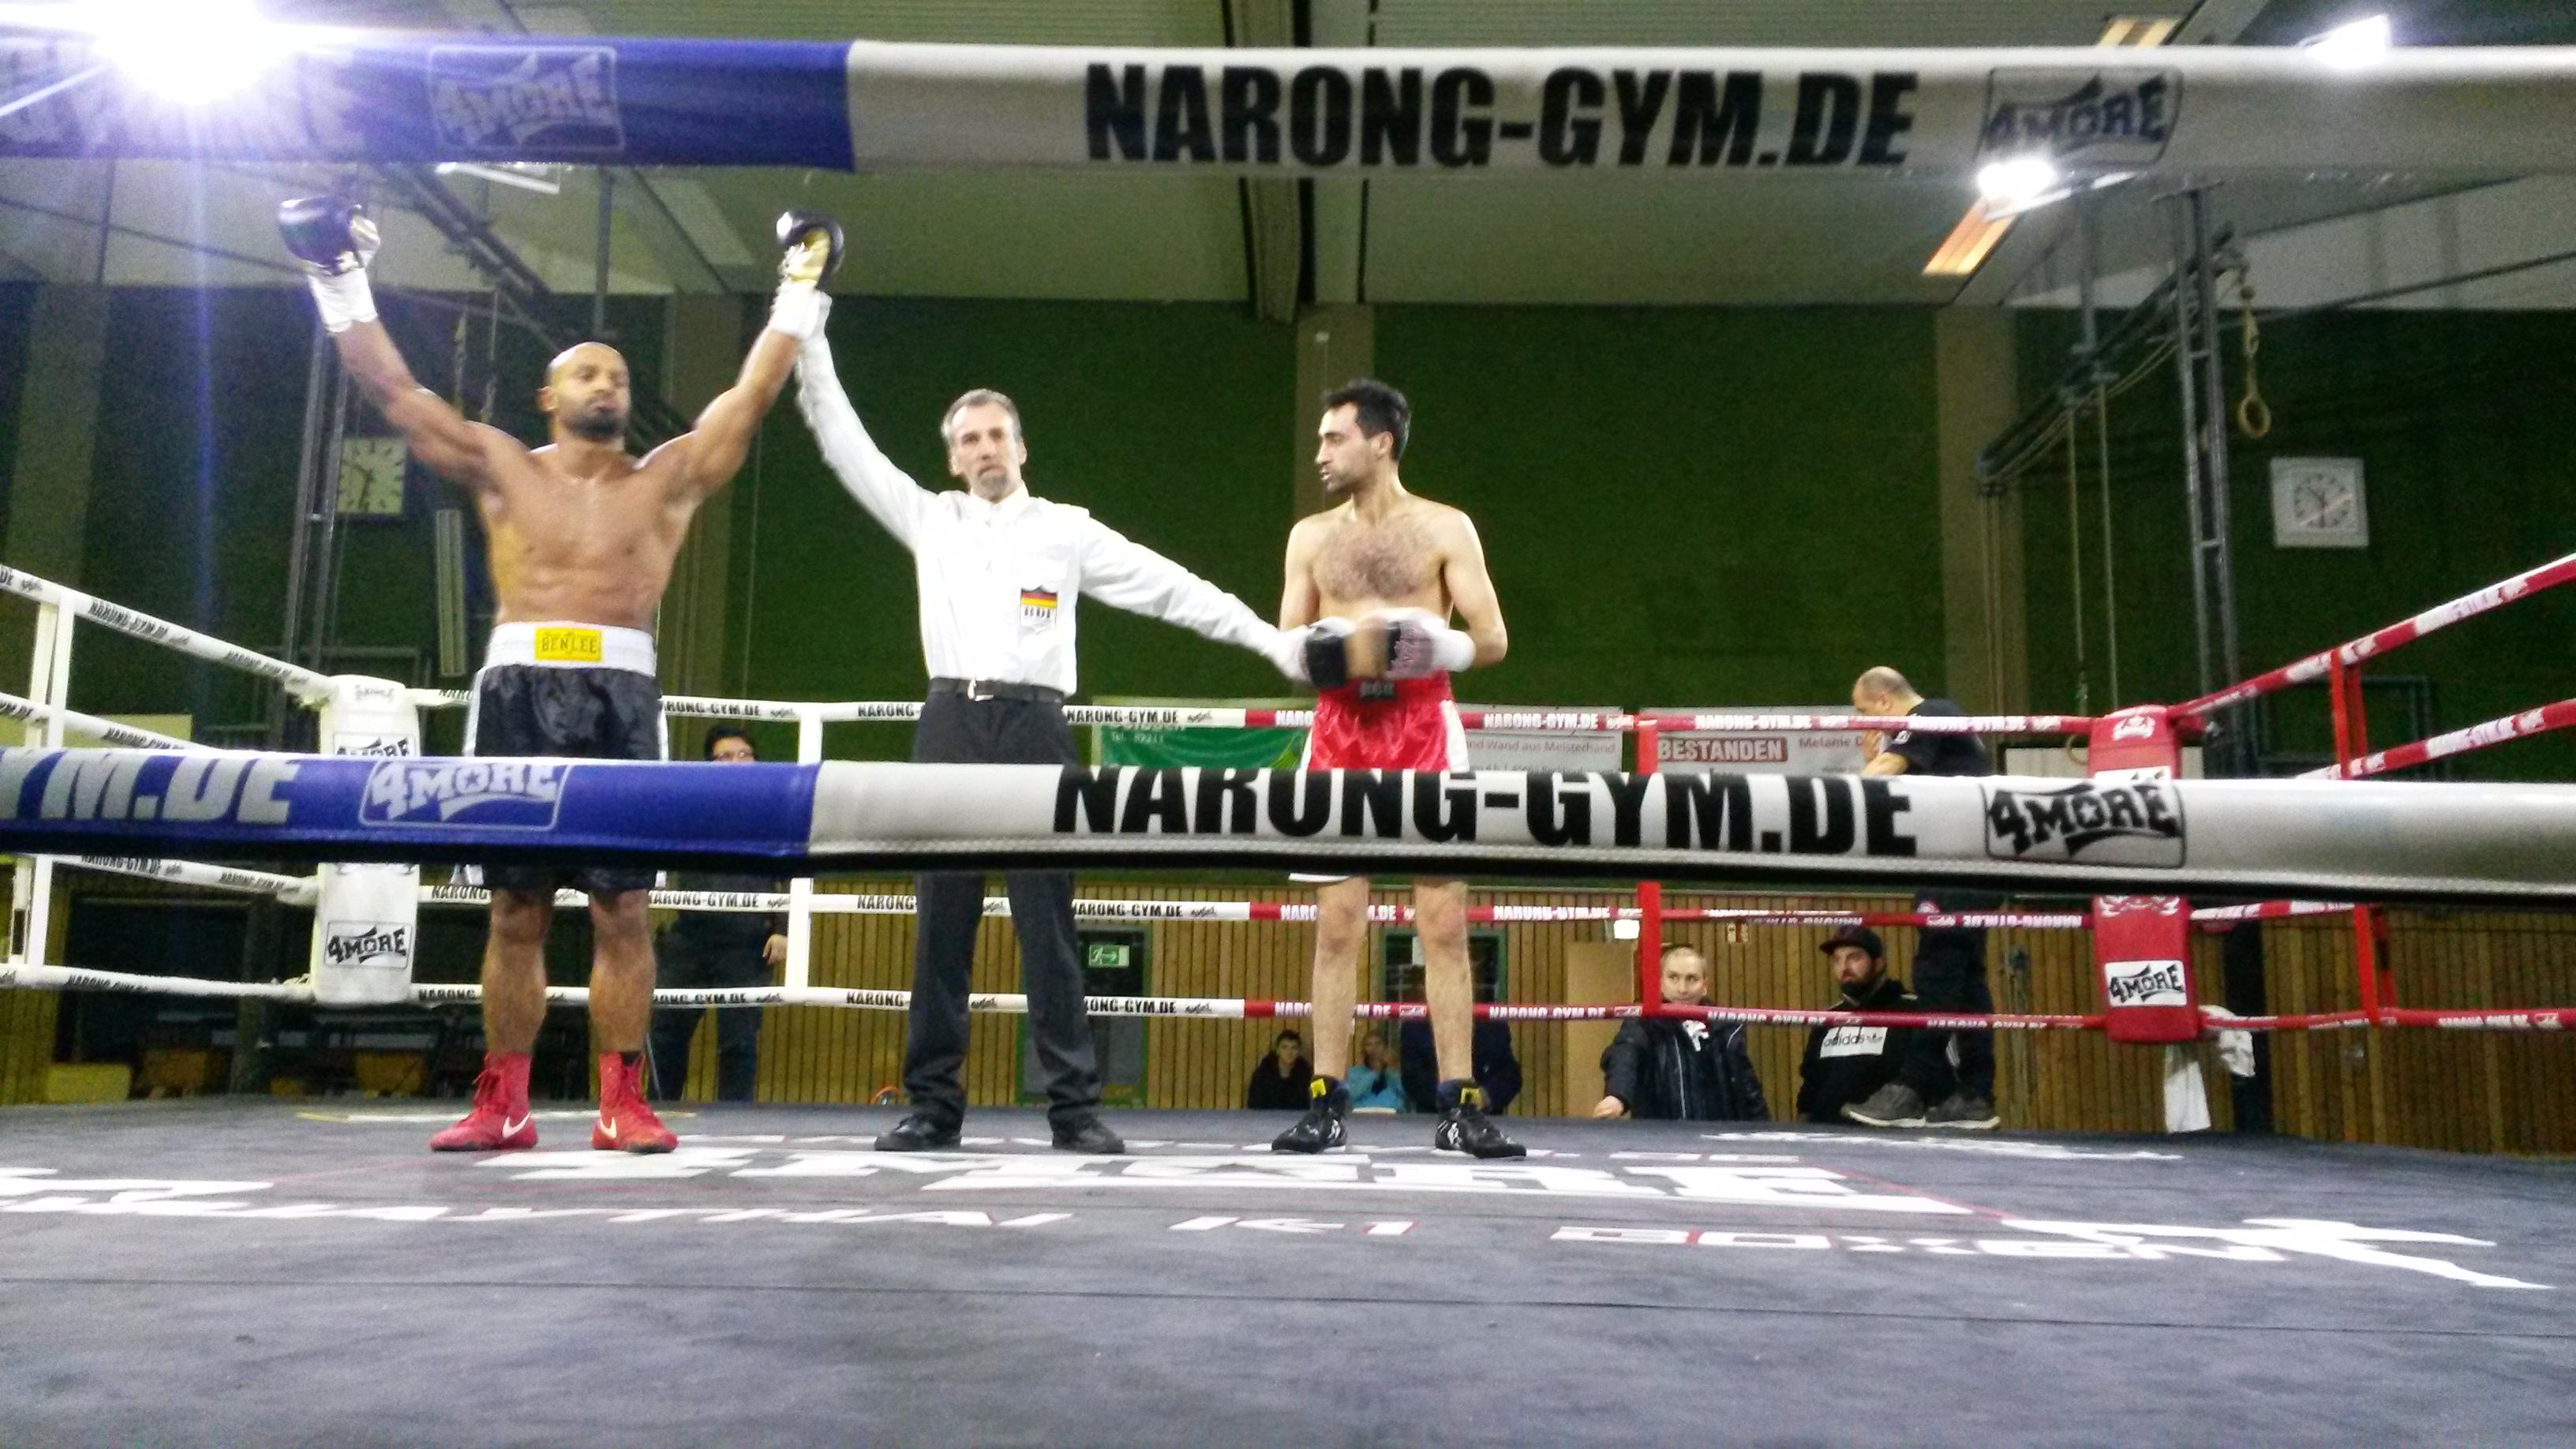 Helmut-Pardon-Halle Recklinghausen Veranstaltung vom 27.01.2019/Ergebnisse